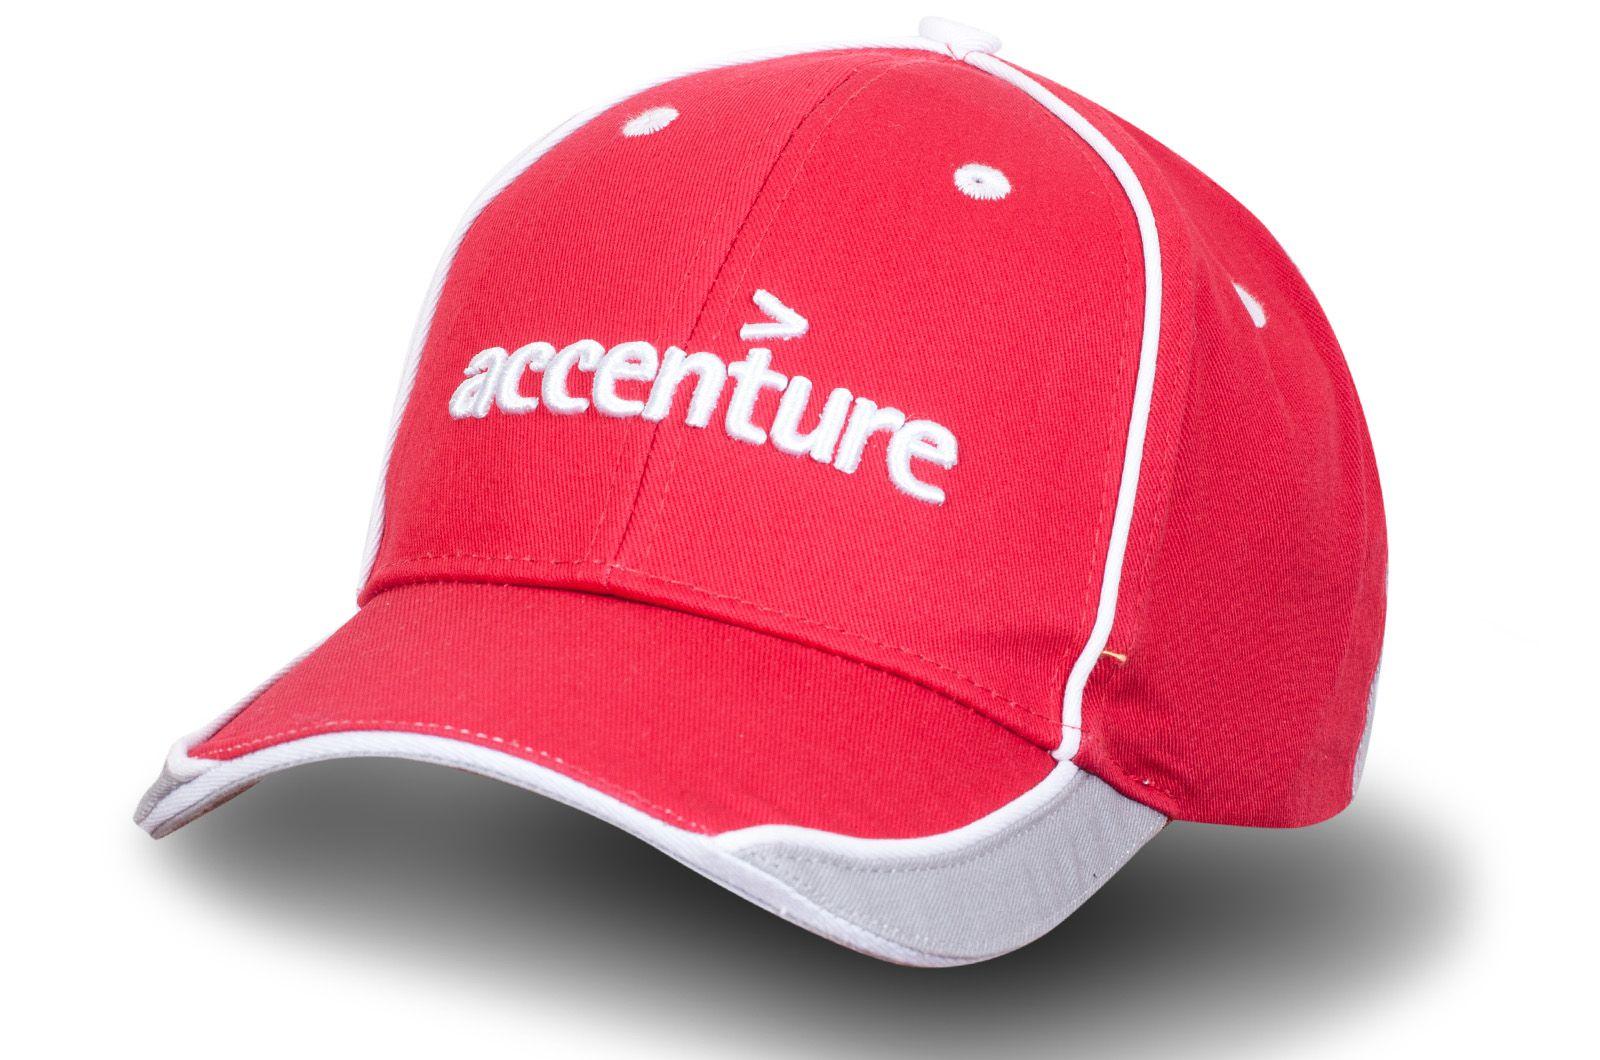 Бейсболка с логотипом Accenture - купить онлайн по выгодной цене